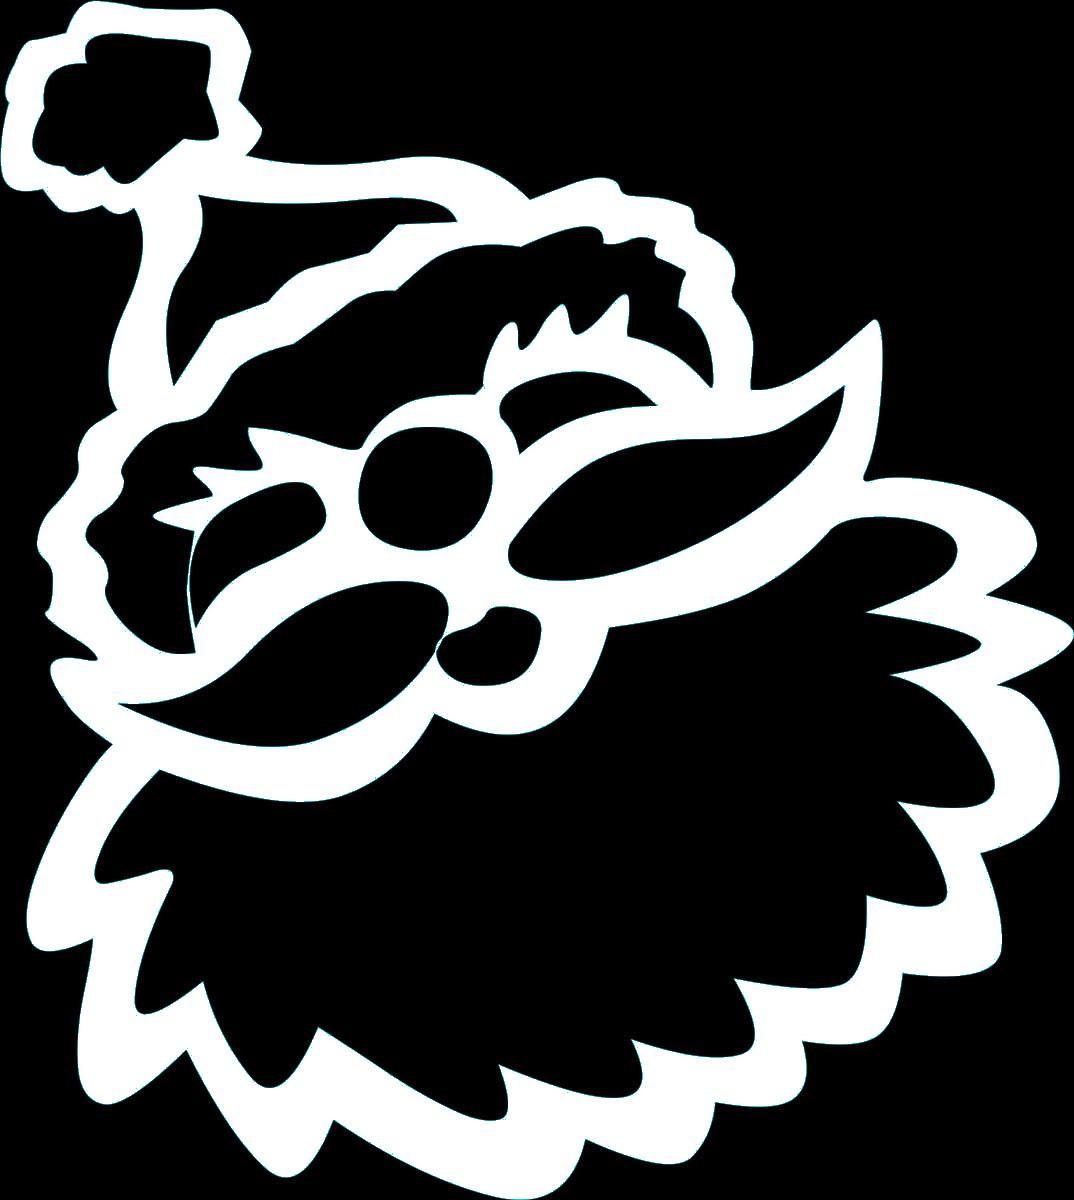 Наклейка автомобильная Оранжевый слоник Лицо Деда Мороза, виниловая, цвет: белый150NG0006WОригинальная наклейка Оранжевый слоник Лицо Деда Мороза изготовлена из высококачественной виниловой пленки, которая выполняет не только декоративную функцию, но и защищает кузов автомобиля от небольших механических повреждений, либо скрывает уже существующие. Виниловые наклейки на автомобиль - это не только красиво, но еще и быстро! Всего за несколько минут вы можете полностью преобразить свой автомобиль, сделать его ярким, необычным, особенным и неповторимым!